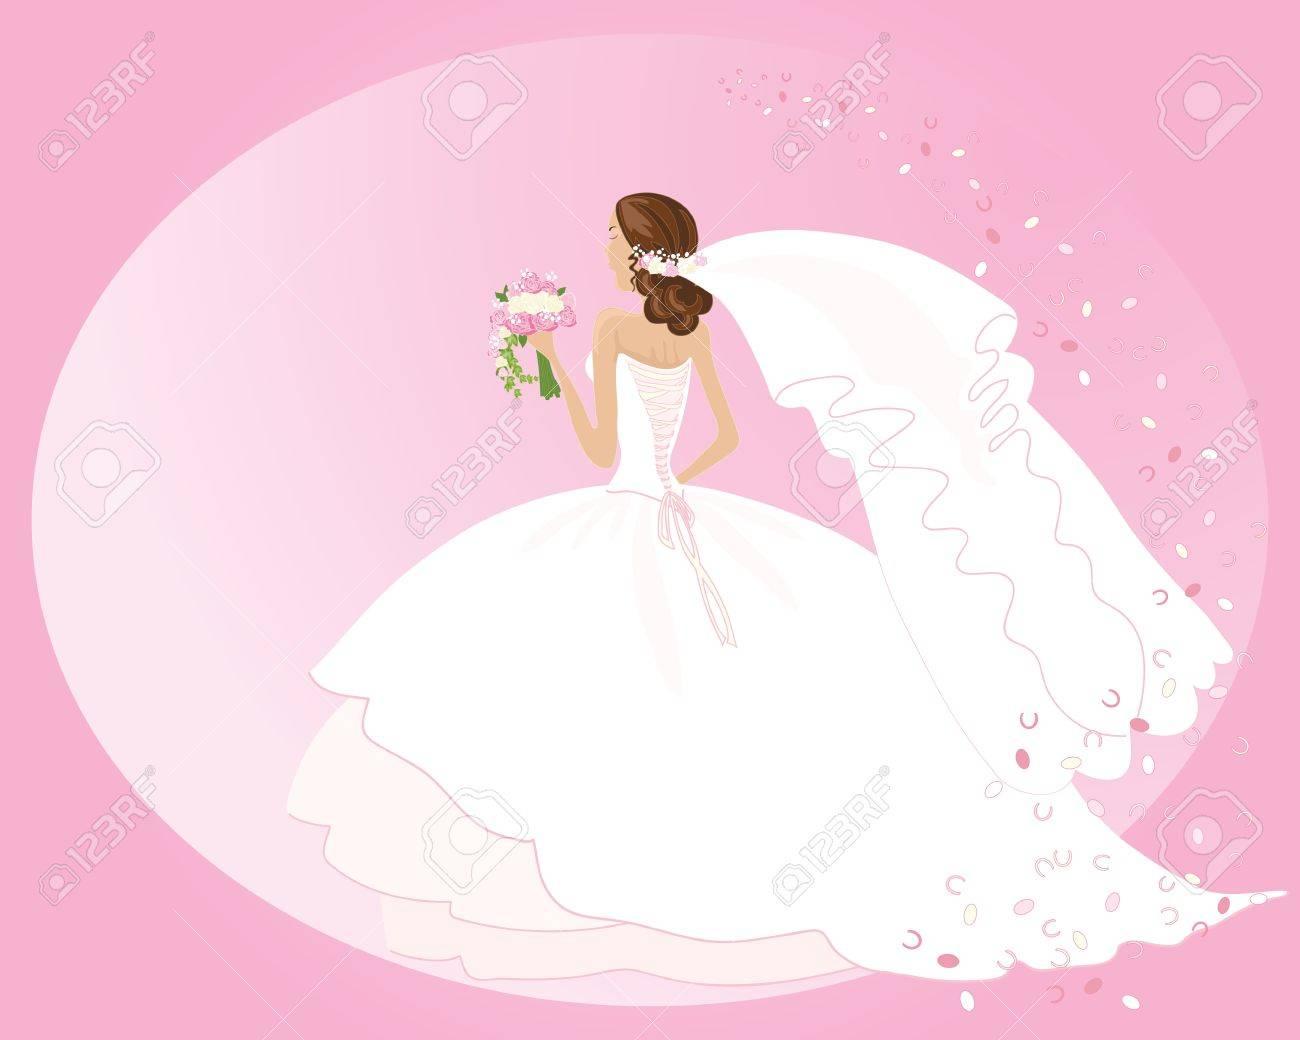 Una Ilustración De Una Mujer En Un Hermoso Vestido De Novia Con Un ...